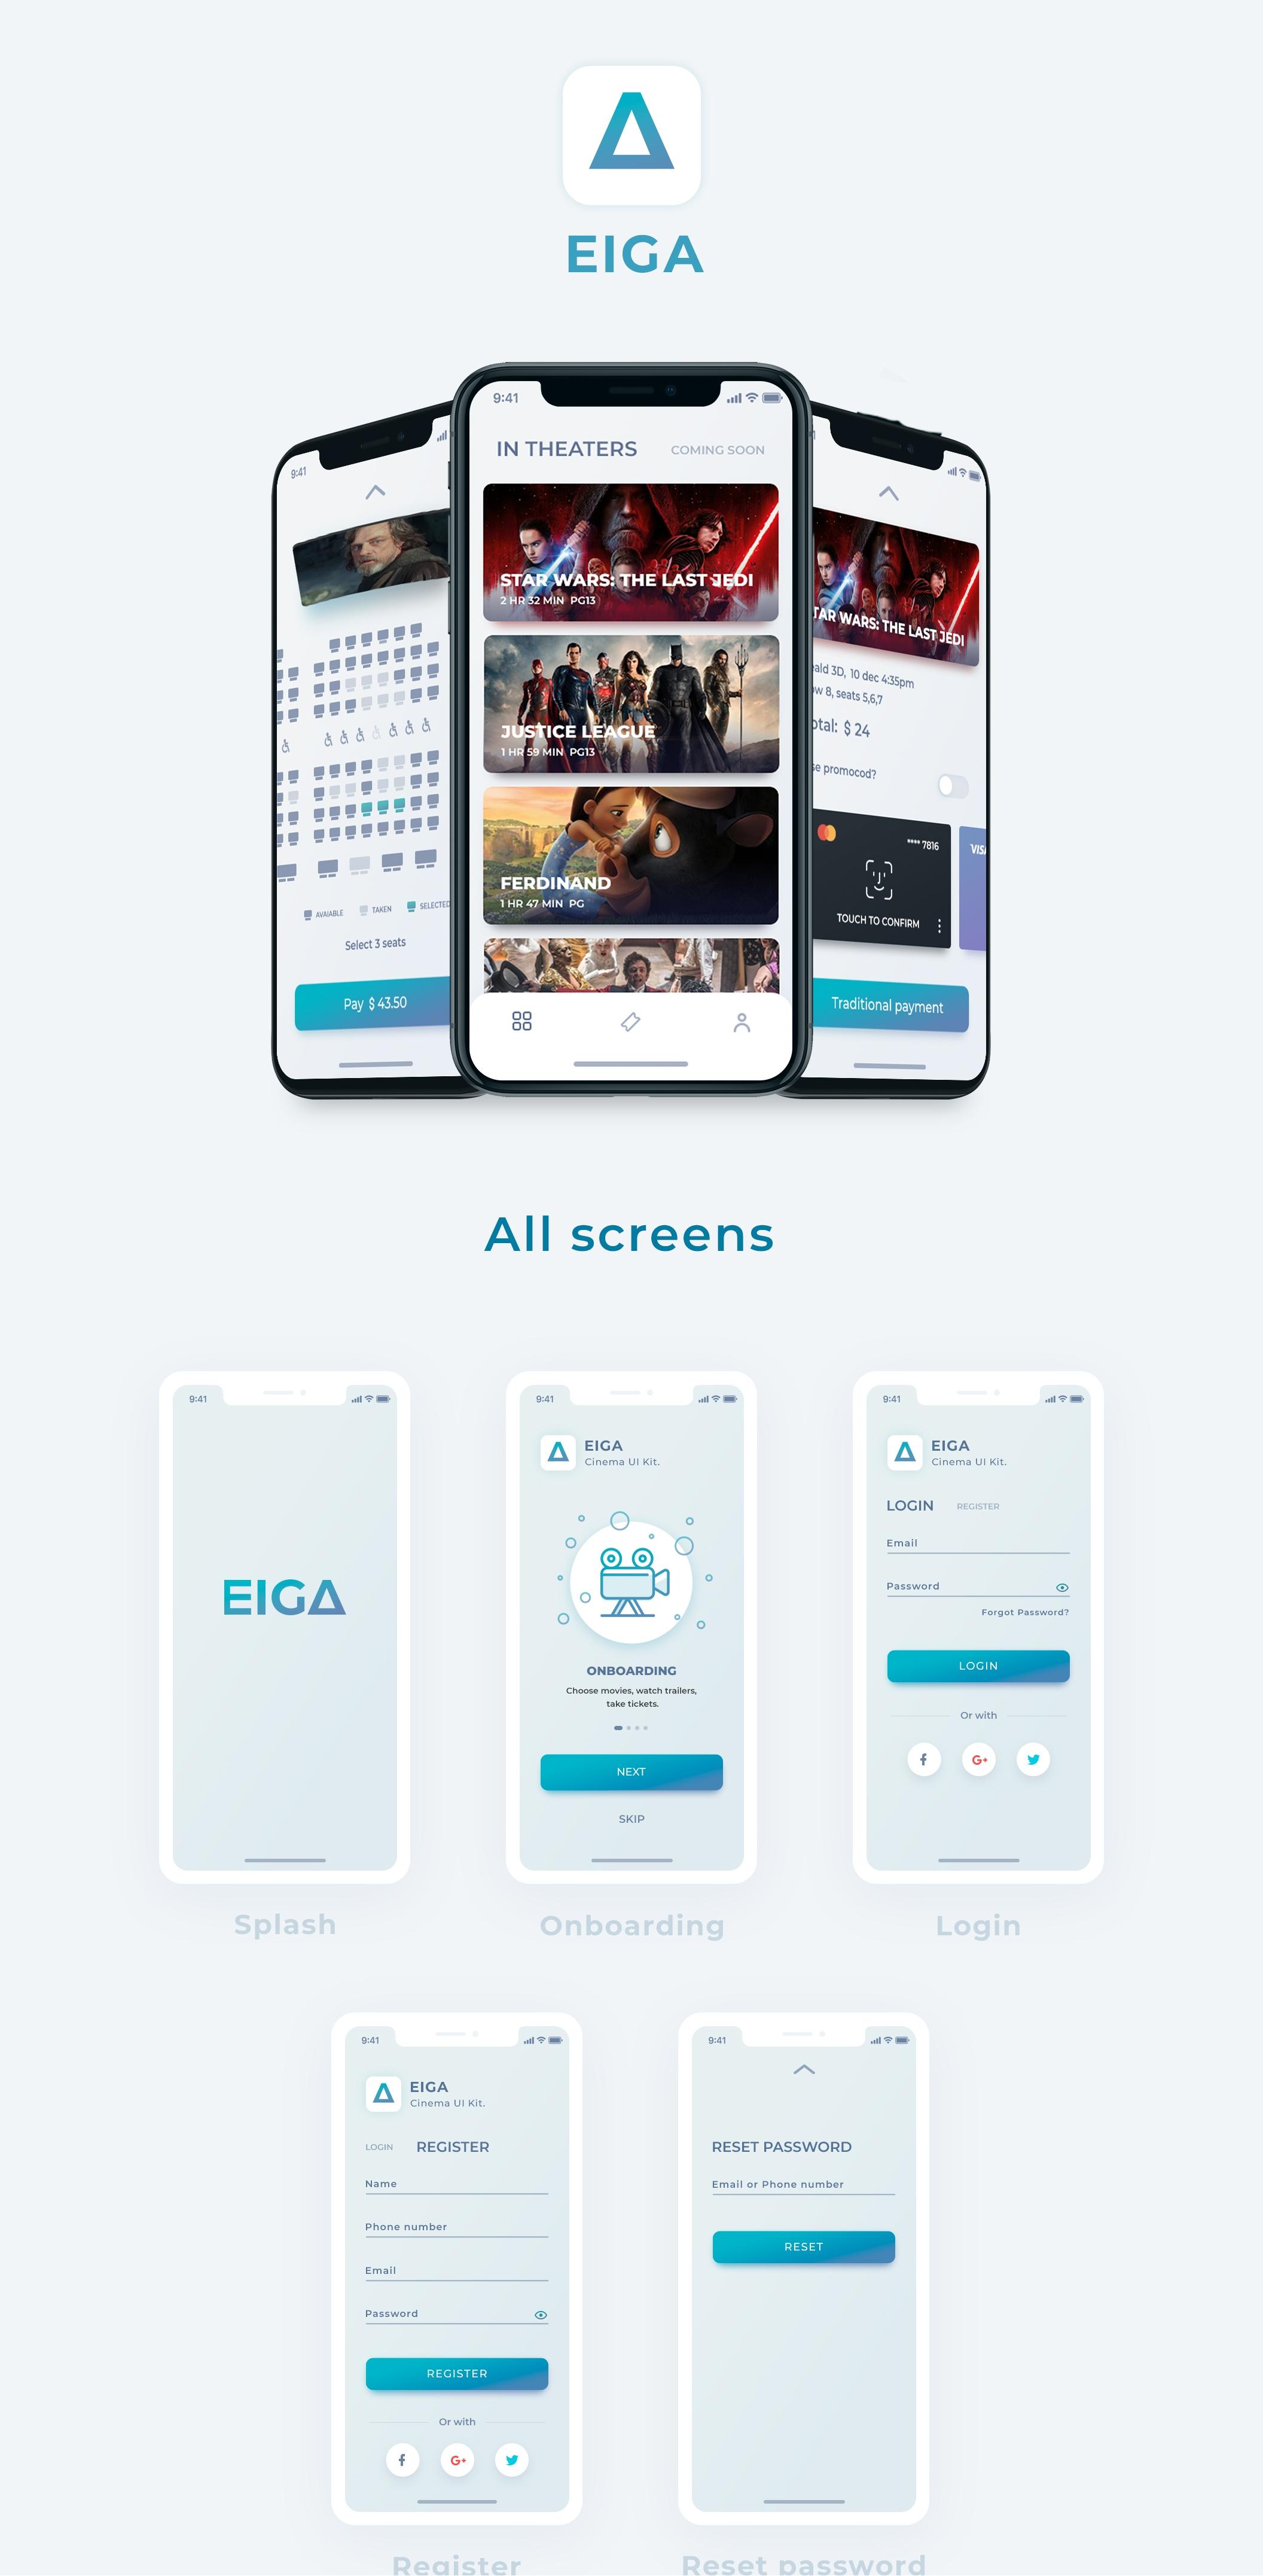 高品质的电影在线订票iOS APP UI工具包 EIGA Cinema UI KIt插图